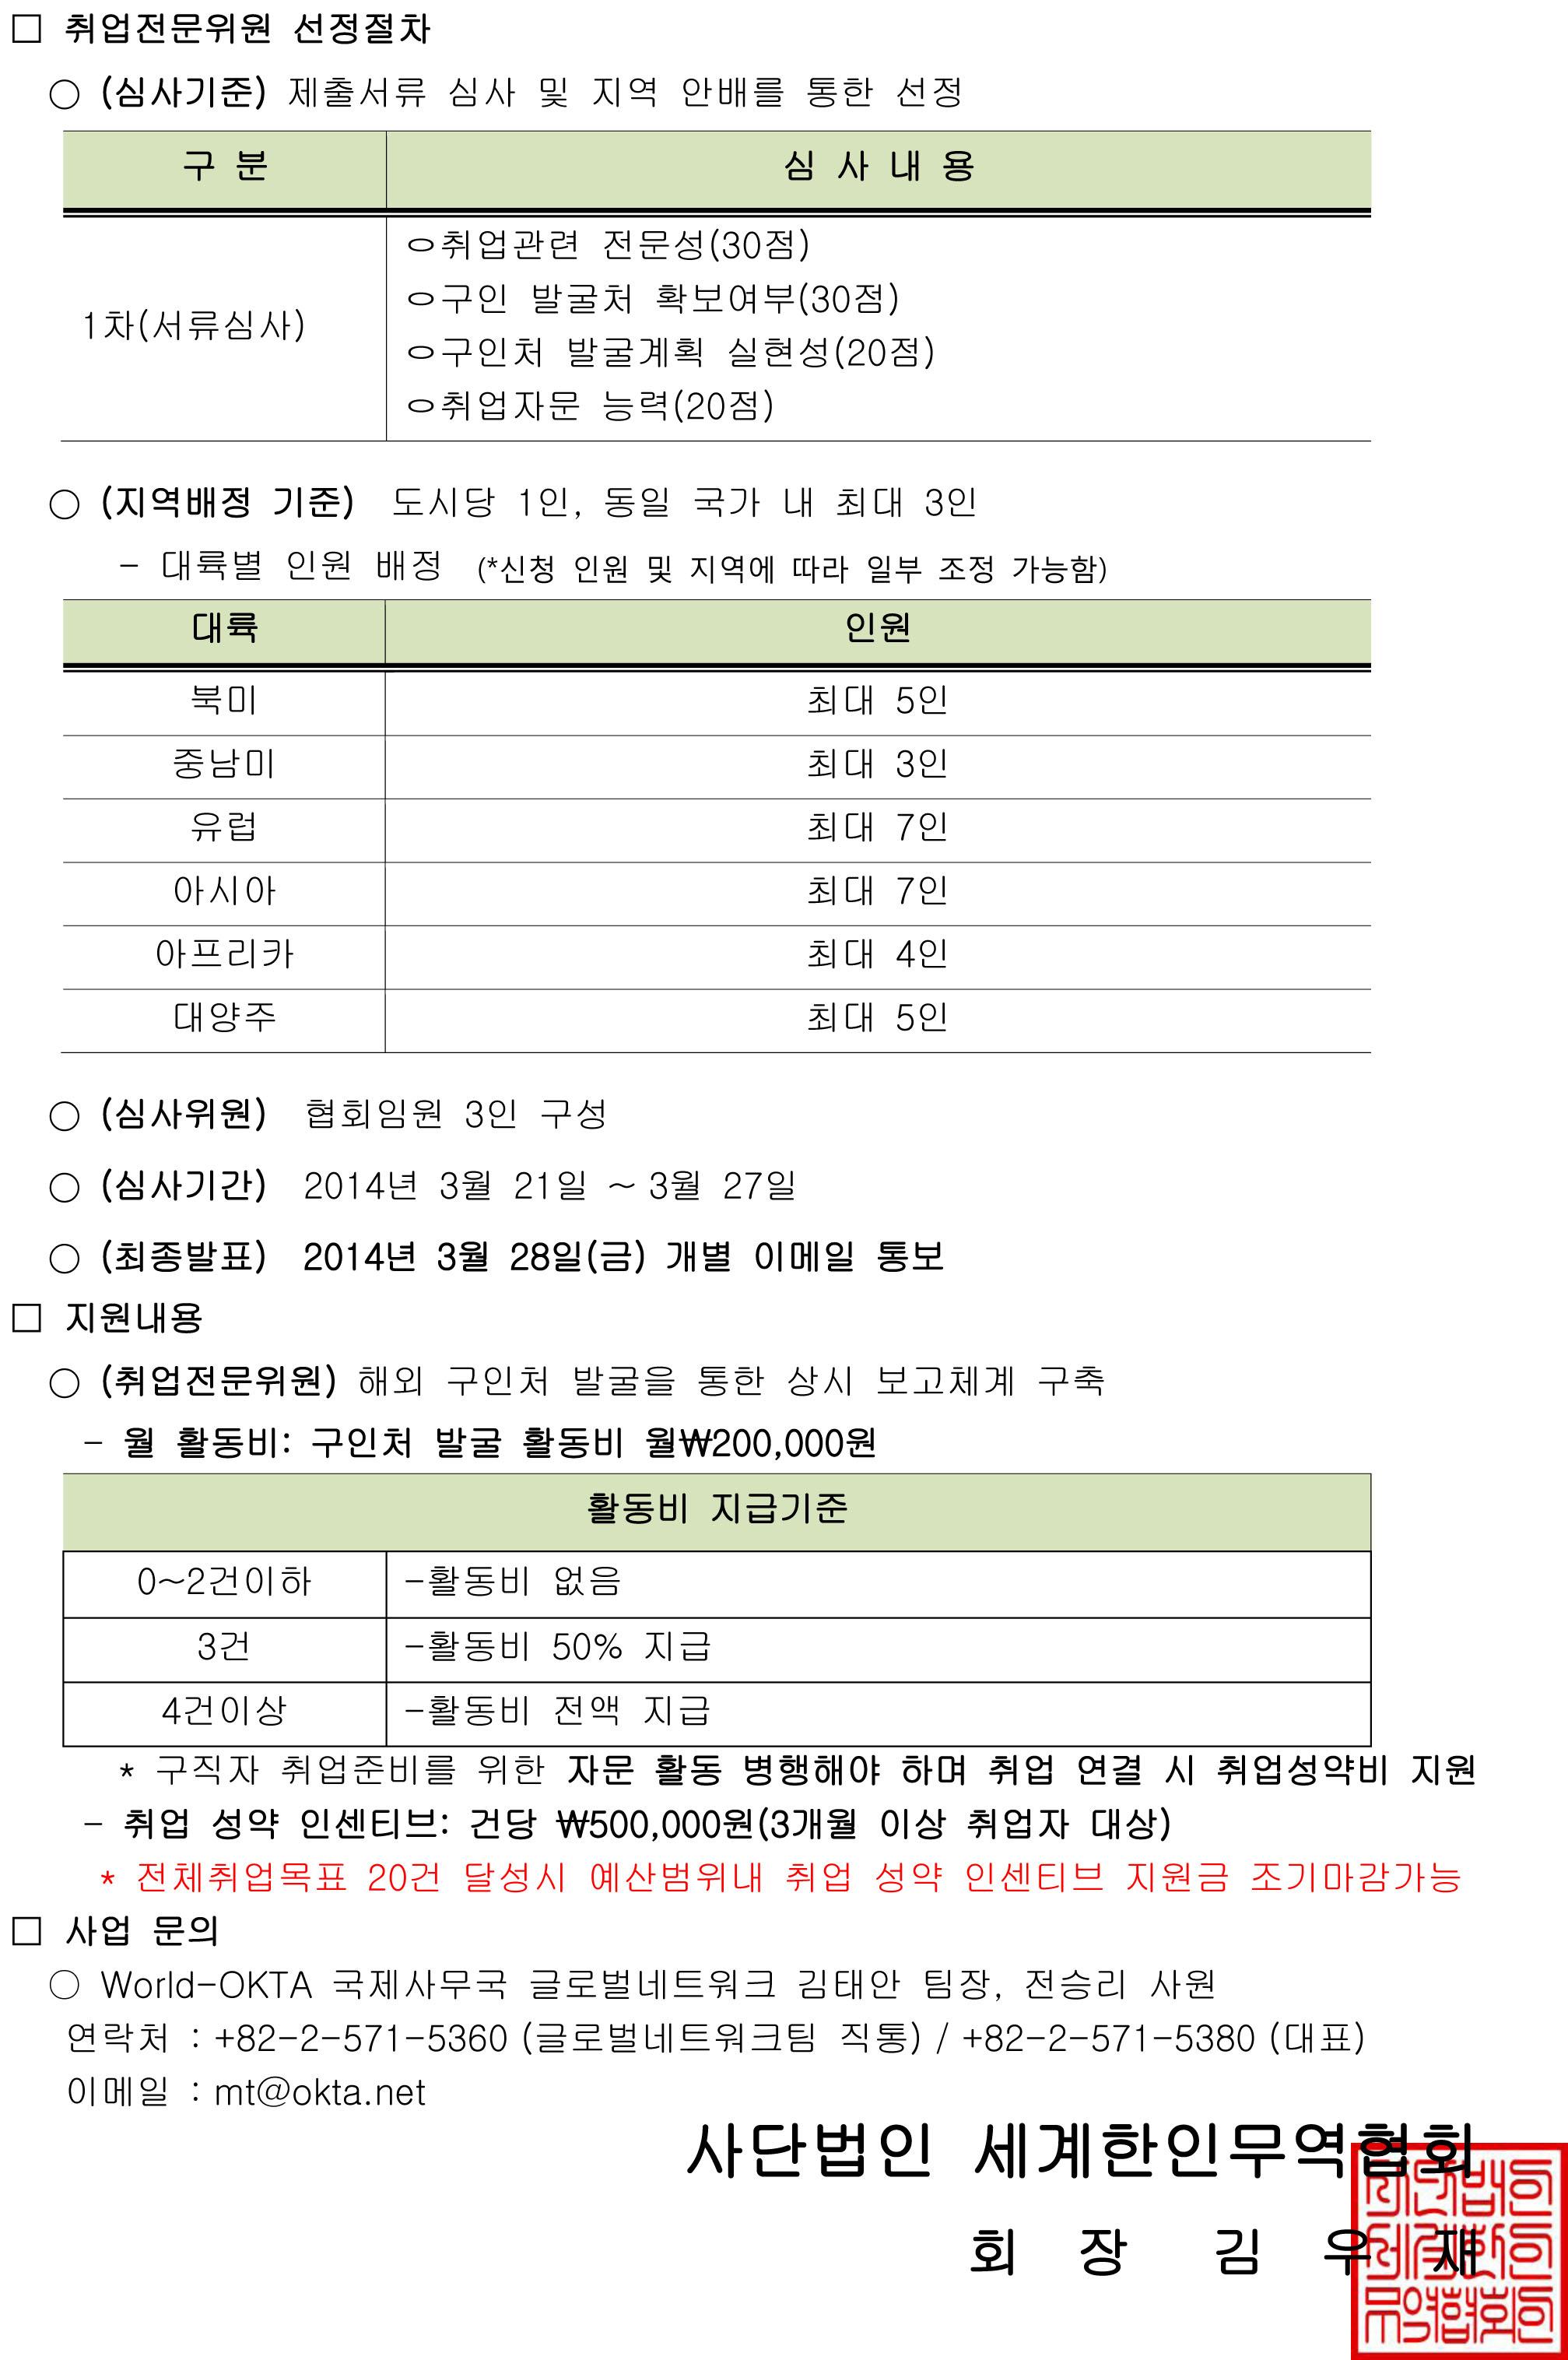 17-133_2014 해외취업지원사업 취업전문위원 모집에 관한 건-2.jpg